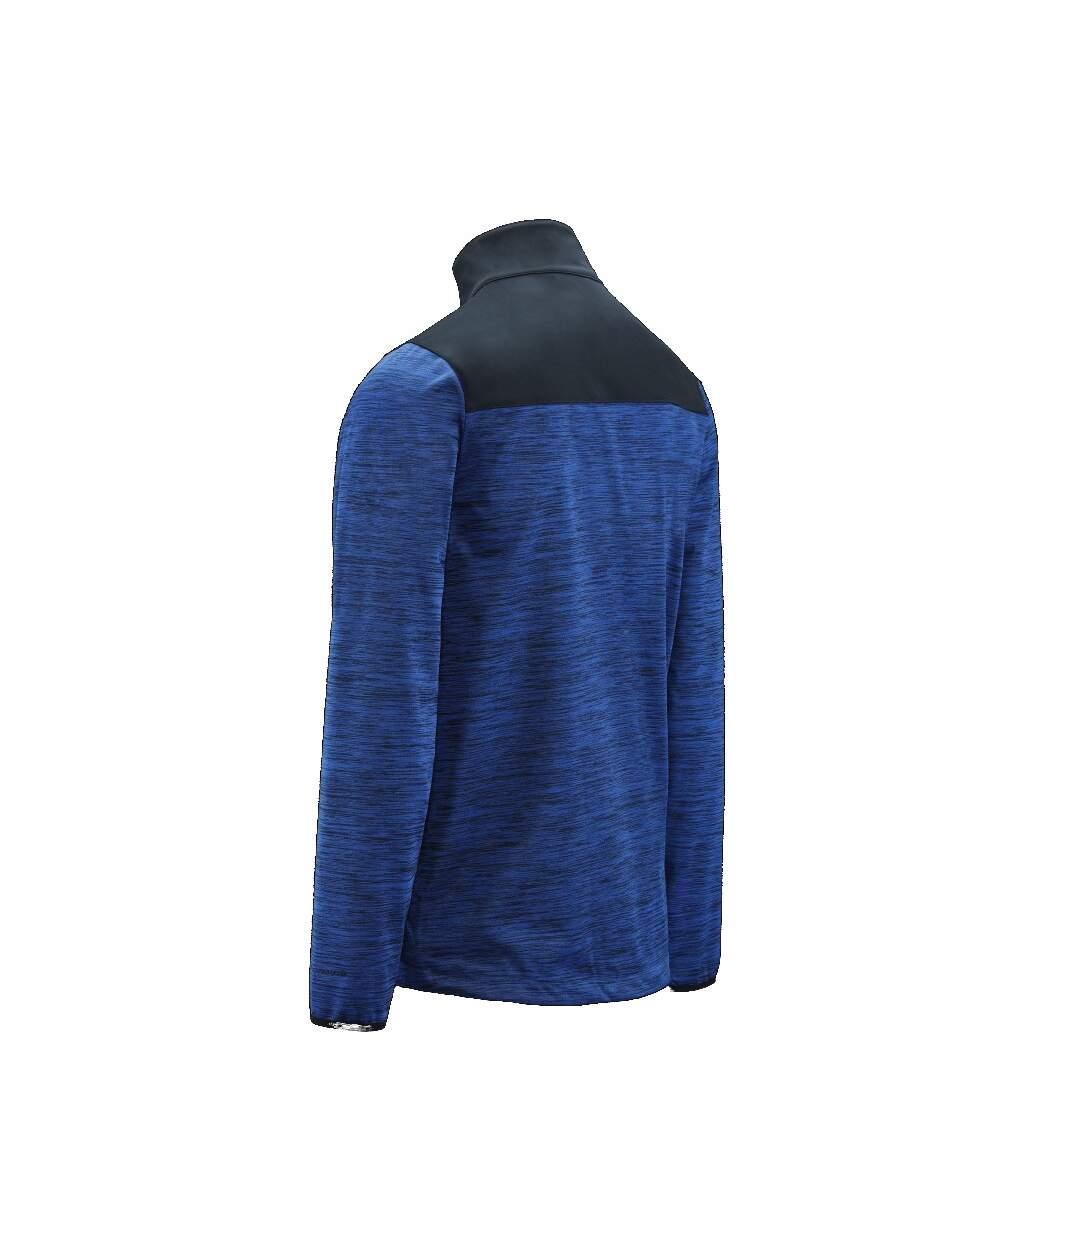 Trespass Mens Strikland Softshell Jacket (Blue Marl) - UTTP4260